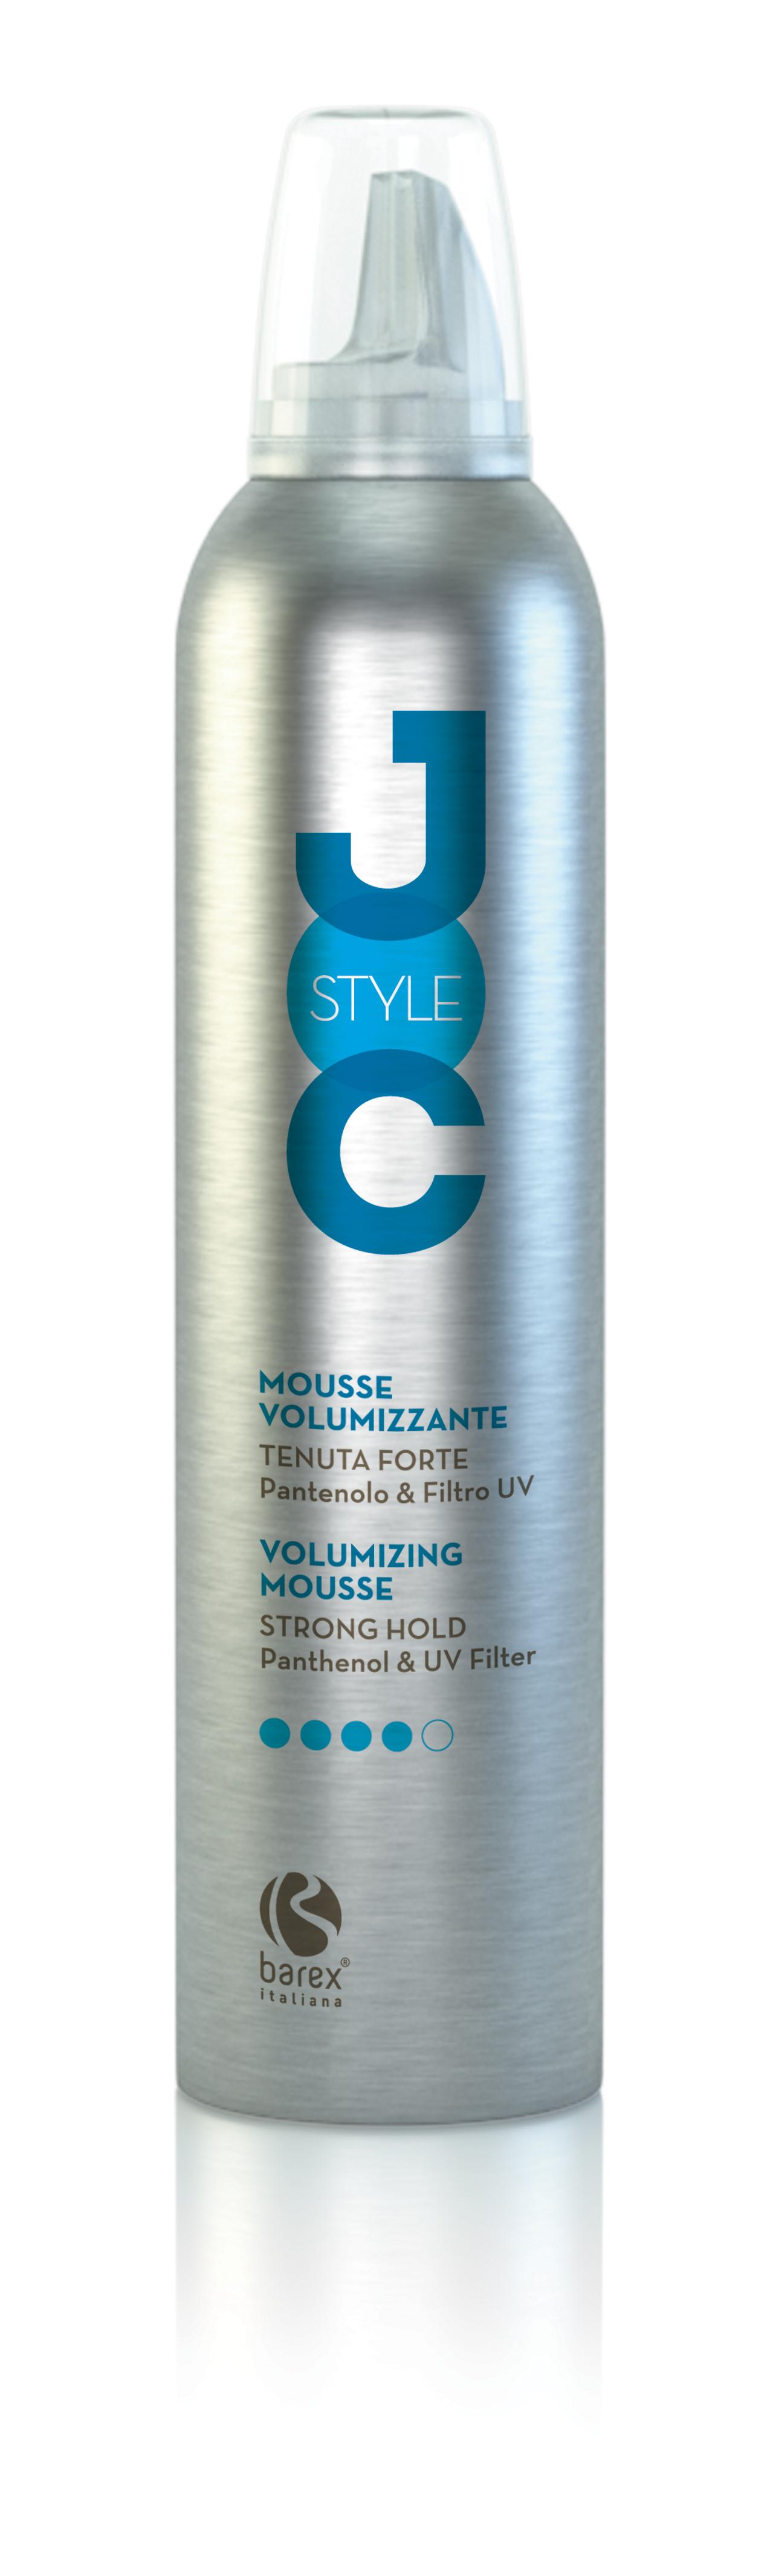 BAREX Мусс-объем сильной фиксации с Пантенолом и УФ Фильтрами / JOC STYLE 300млМуссы<br>Подходит для создания креативных укладок. Долго поддерживает объём и идеально фиксирует волосы. Устраняет статическое электричество, придаёт волосам форму и объём и при этом не утяжеляет их. Пантенол: увлажняет волосы и защищает их от действия атмосферной влаги. Активные ингредиенты: пантенол. Способ применения: тщательно встряхнуть флакон и перевернуть вверх дном. Нанести небольшое количество пены (1-2 нажатия) на чистые влажные, подсушенные полотенцем волосы. Равномерно распределить по всей длине волос, затем уложить волосы.<br>